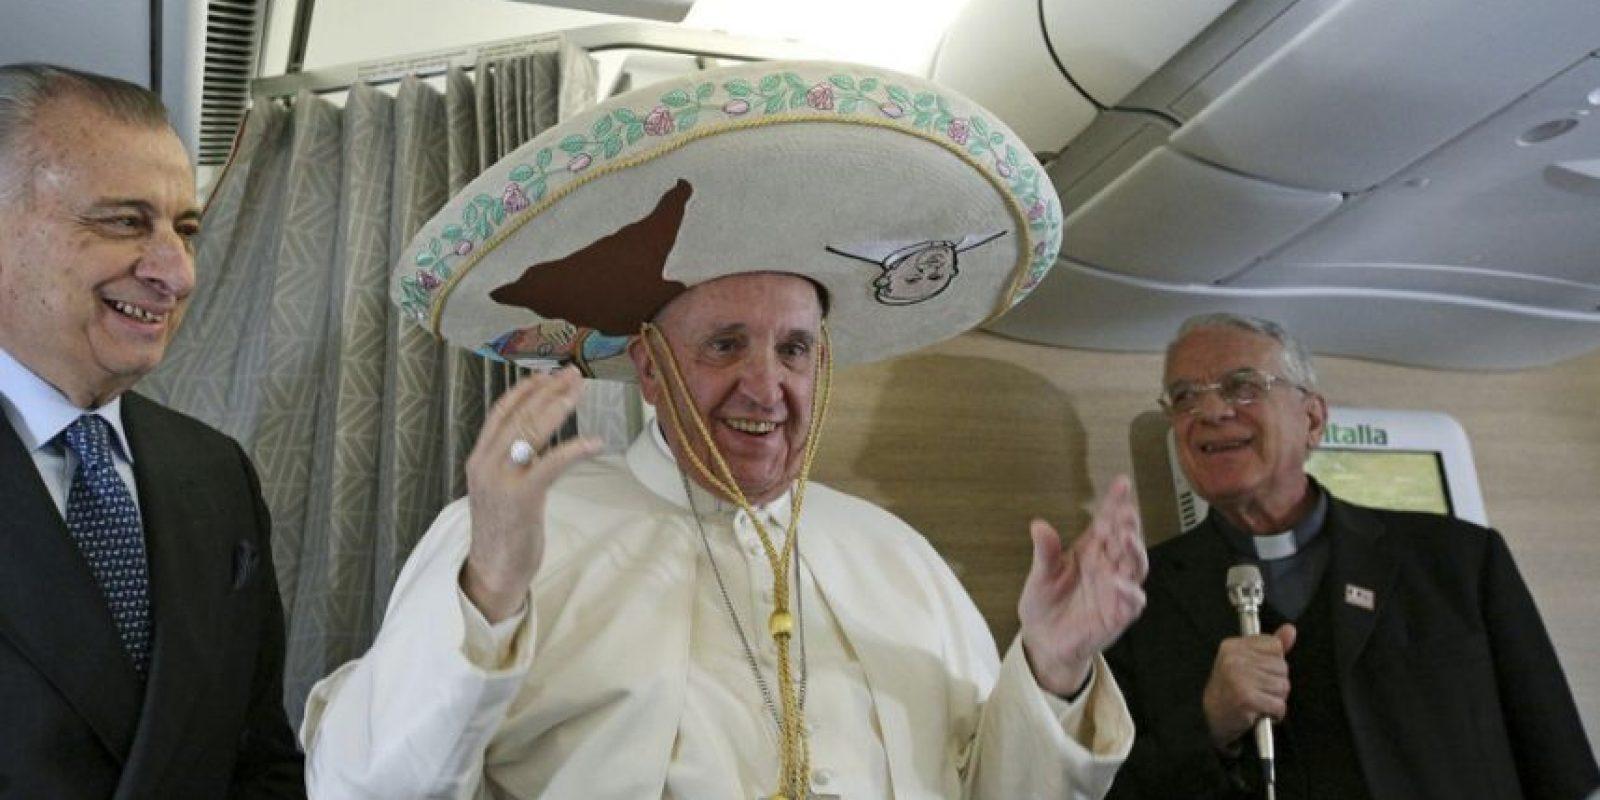 Tan buen humor tenía Francisco que hizo bromas sobre el fútbol argentino y recibió con una sonrisa las cartas de algunos niños mexicanos, en un vuelo papal en el cual confesó haber sido conquistado por la comicidad de Cantinflas. Foto:AP